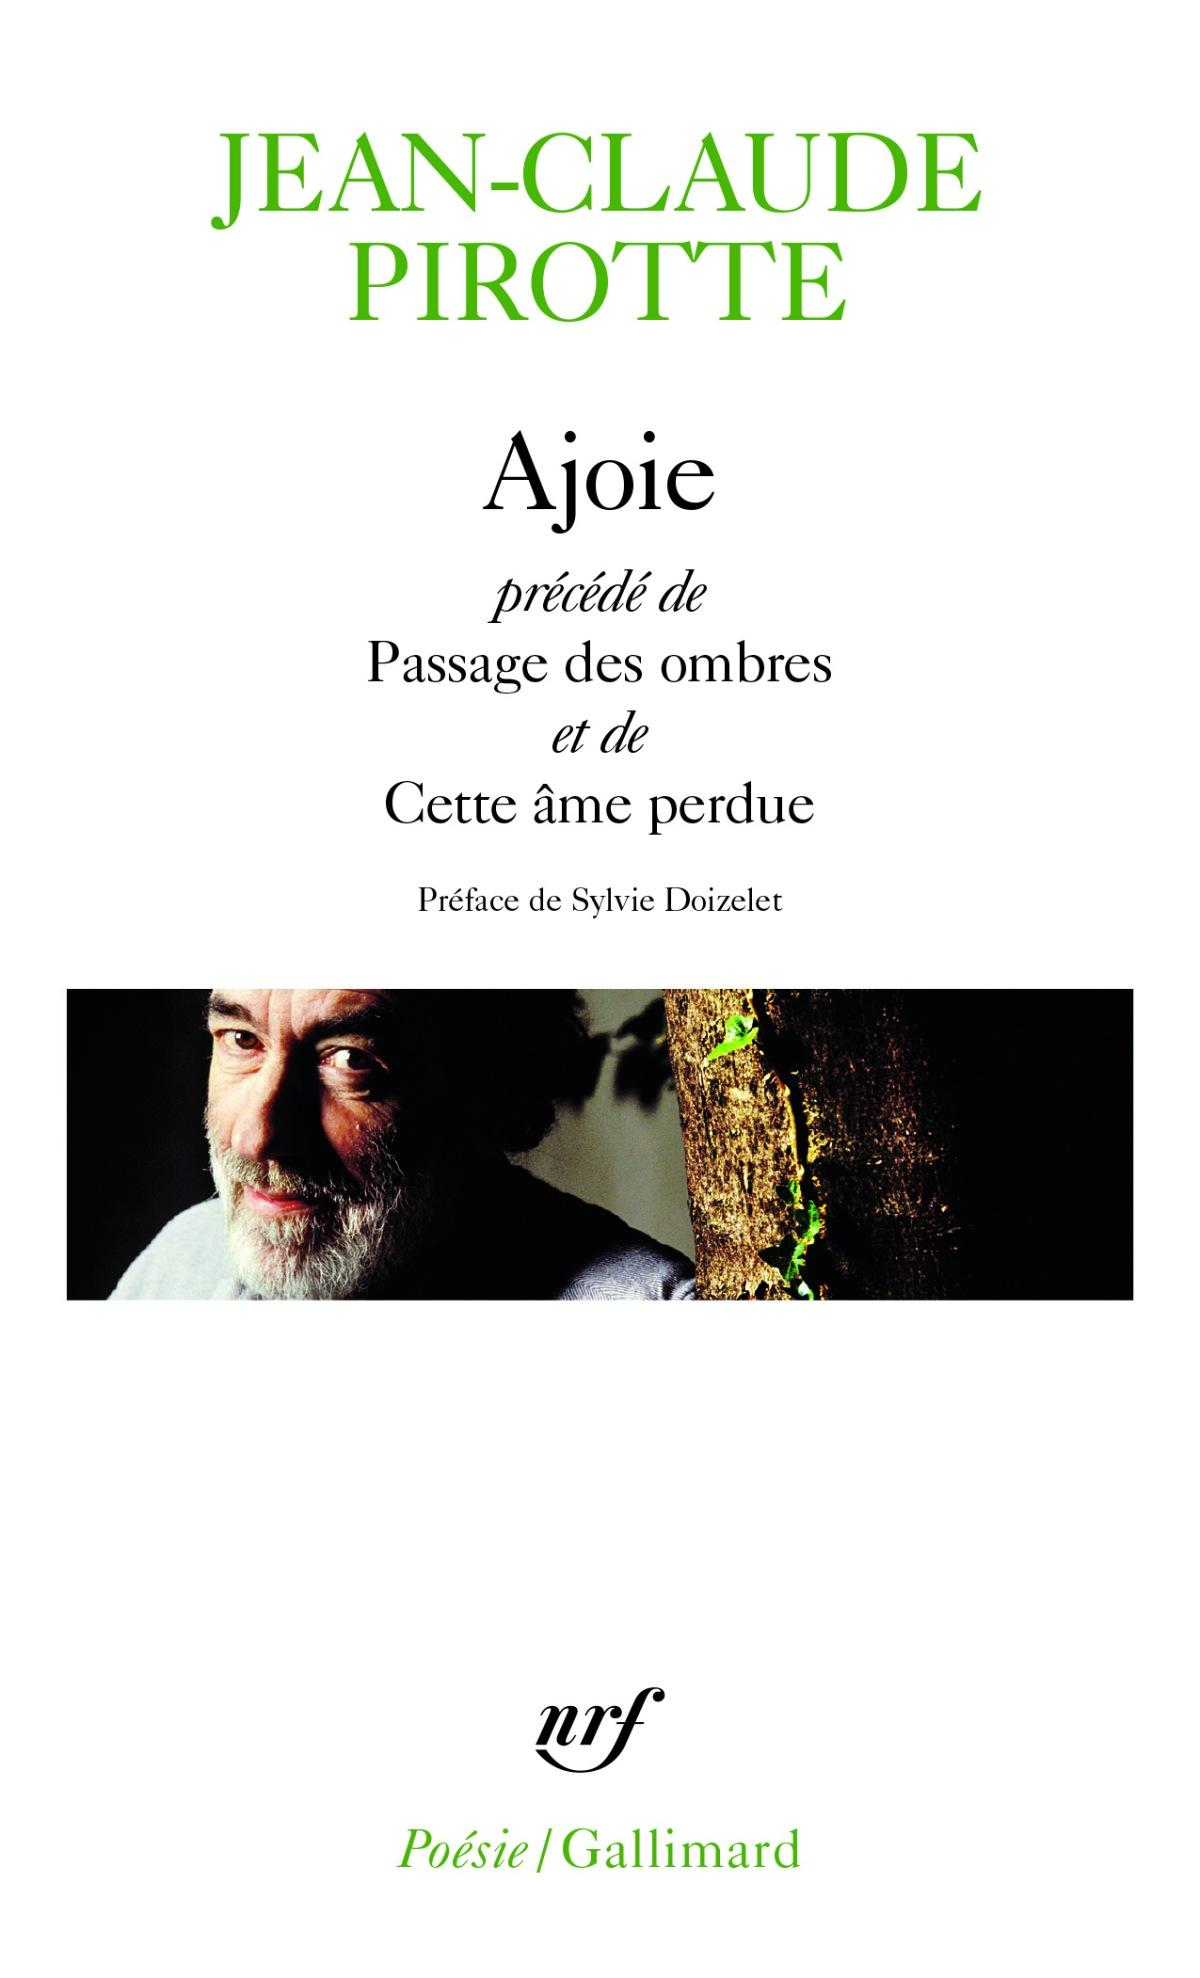 Jean-Claude Pirotte – Ajoie précédé de Passage des ombres et de Cette âme perdue (Préf. De Sylvie Doizelet – Ed. NRF Poésie/Gallimard).